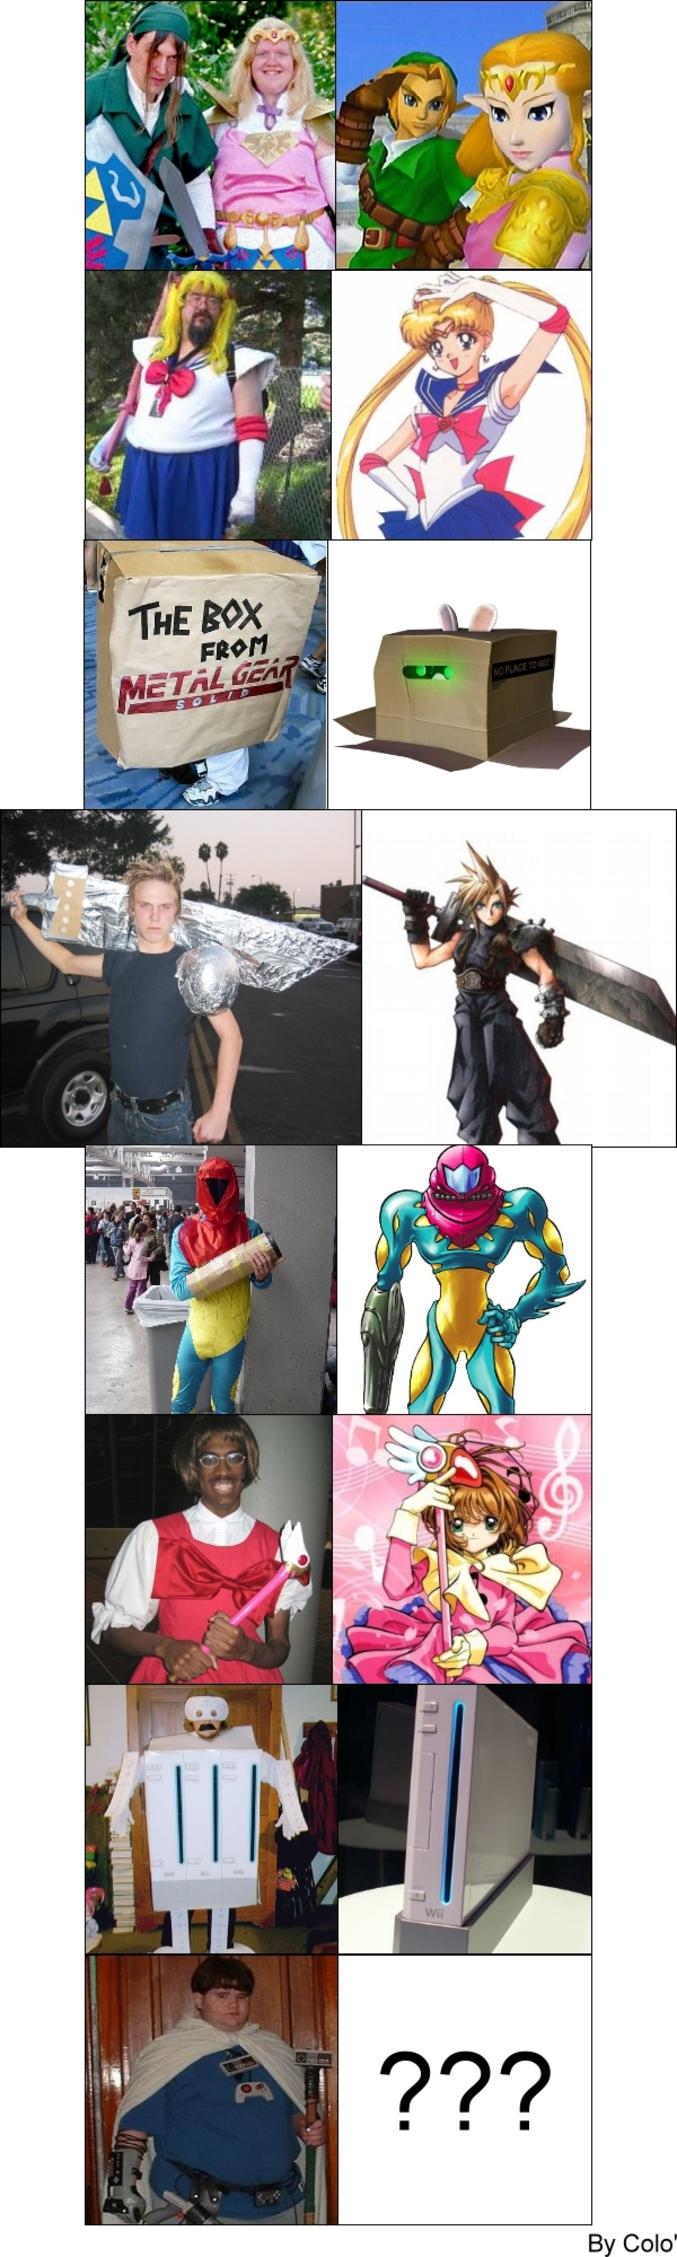 La dure vie de cosplayeur